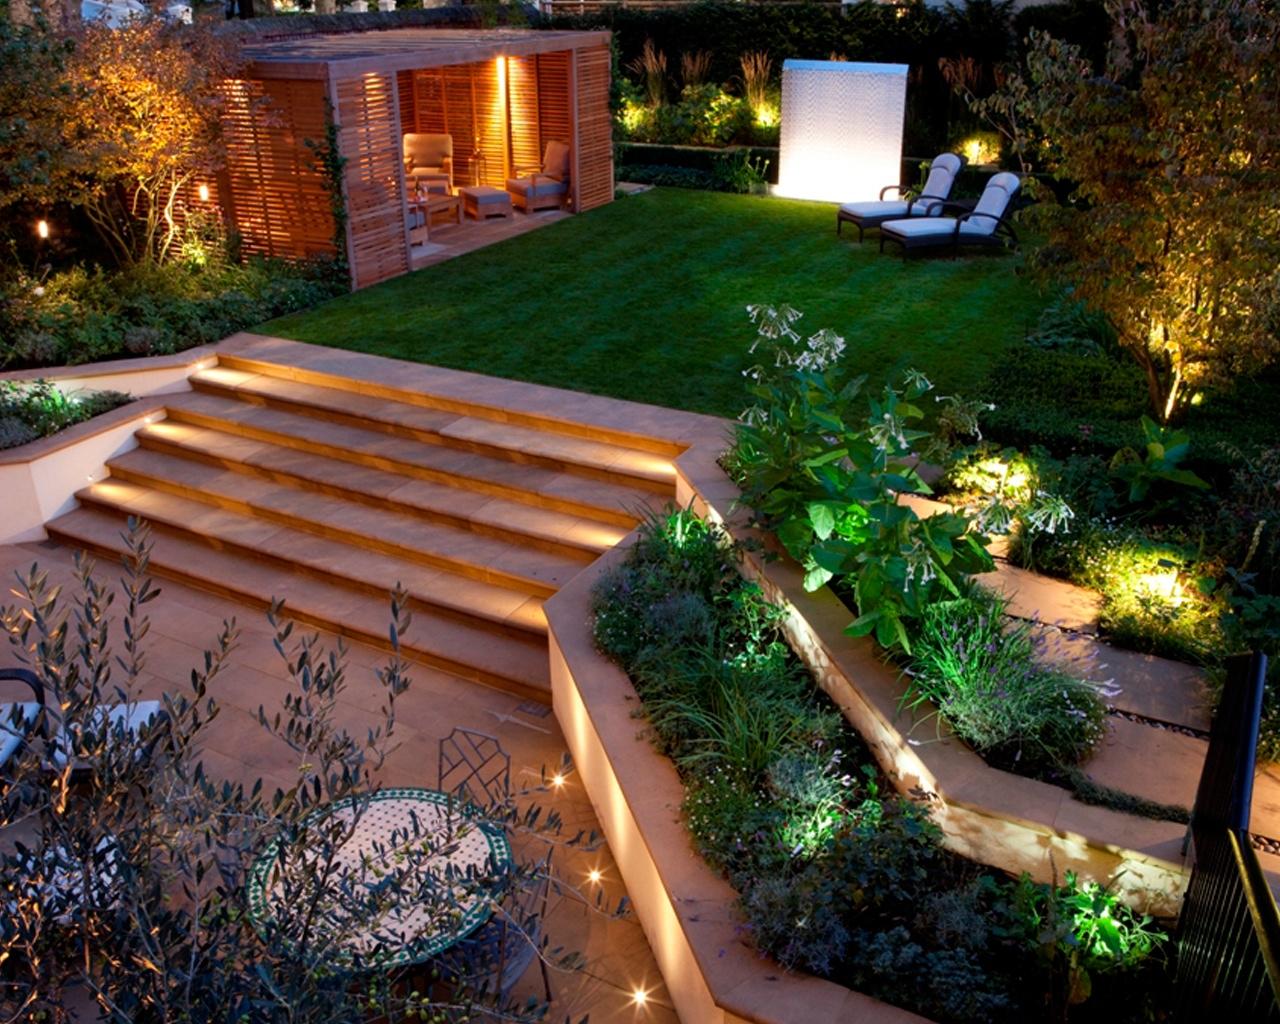 Arredare Un Giardino Idee come arredare un giardino in pendenza? ecco 15 idee a cui